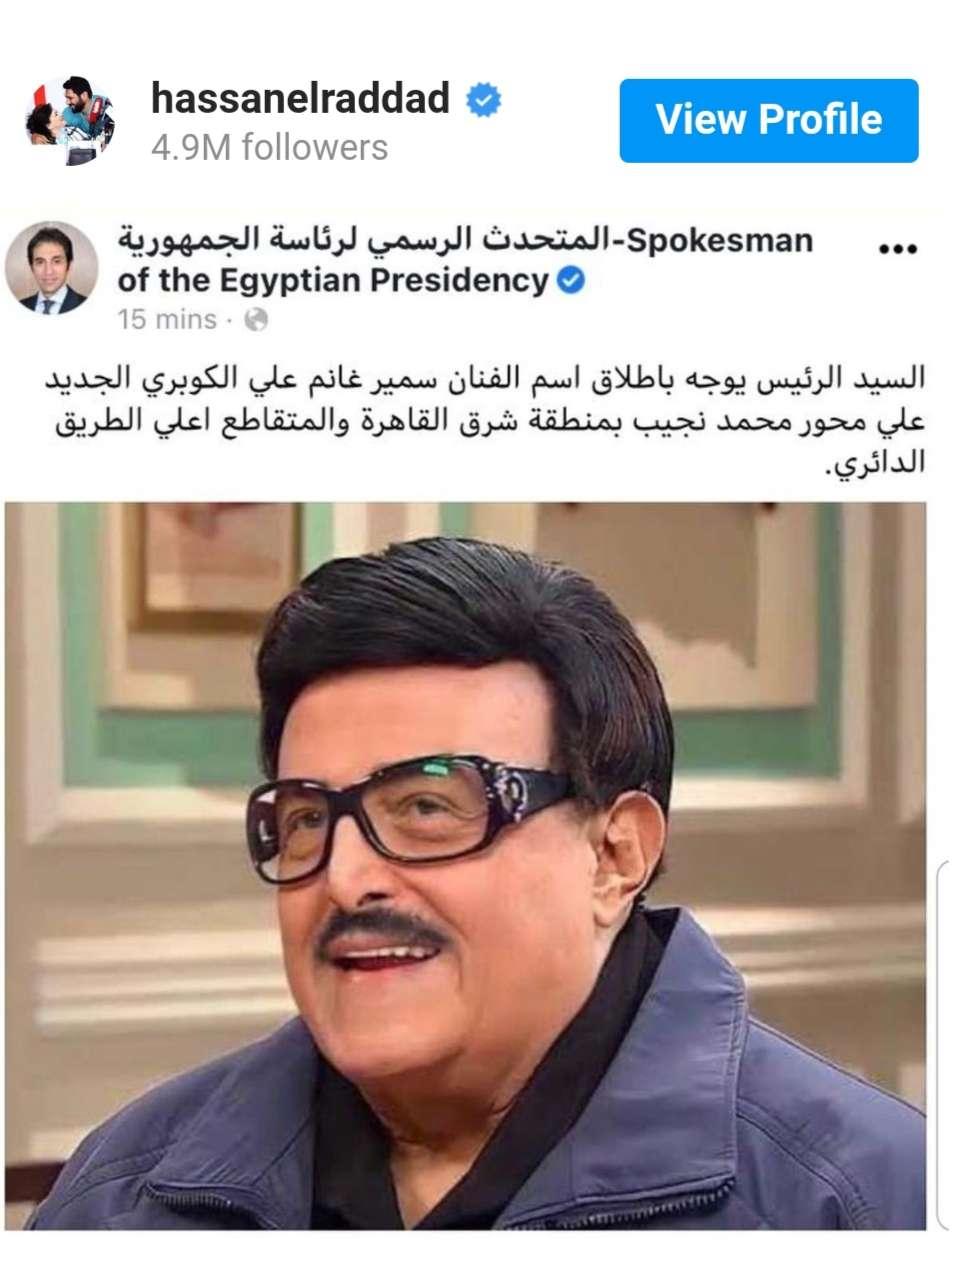 حسن الرداد يشكر الرئيس السيسي بعد إطلاقه اسم سمير غانم علي كوبري جديد